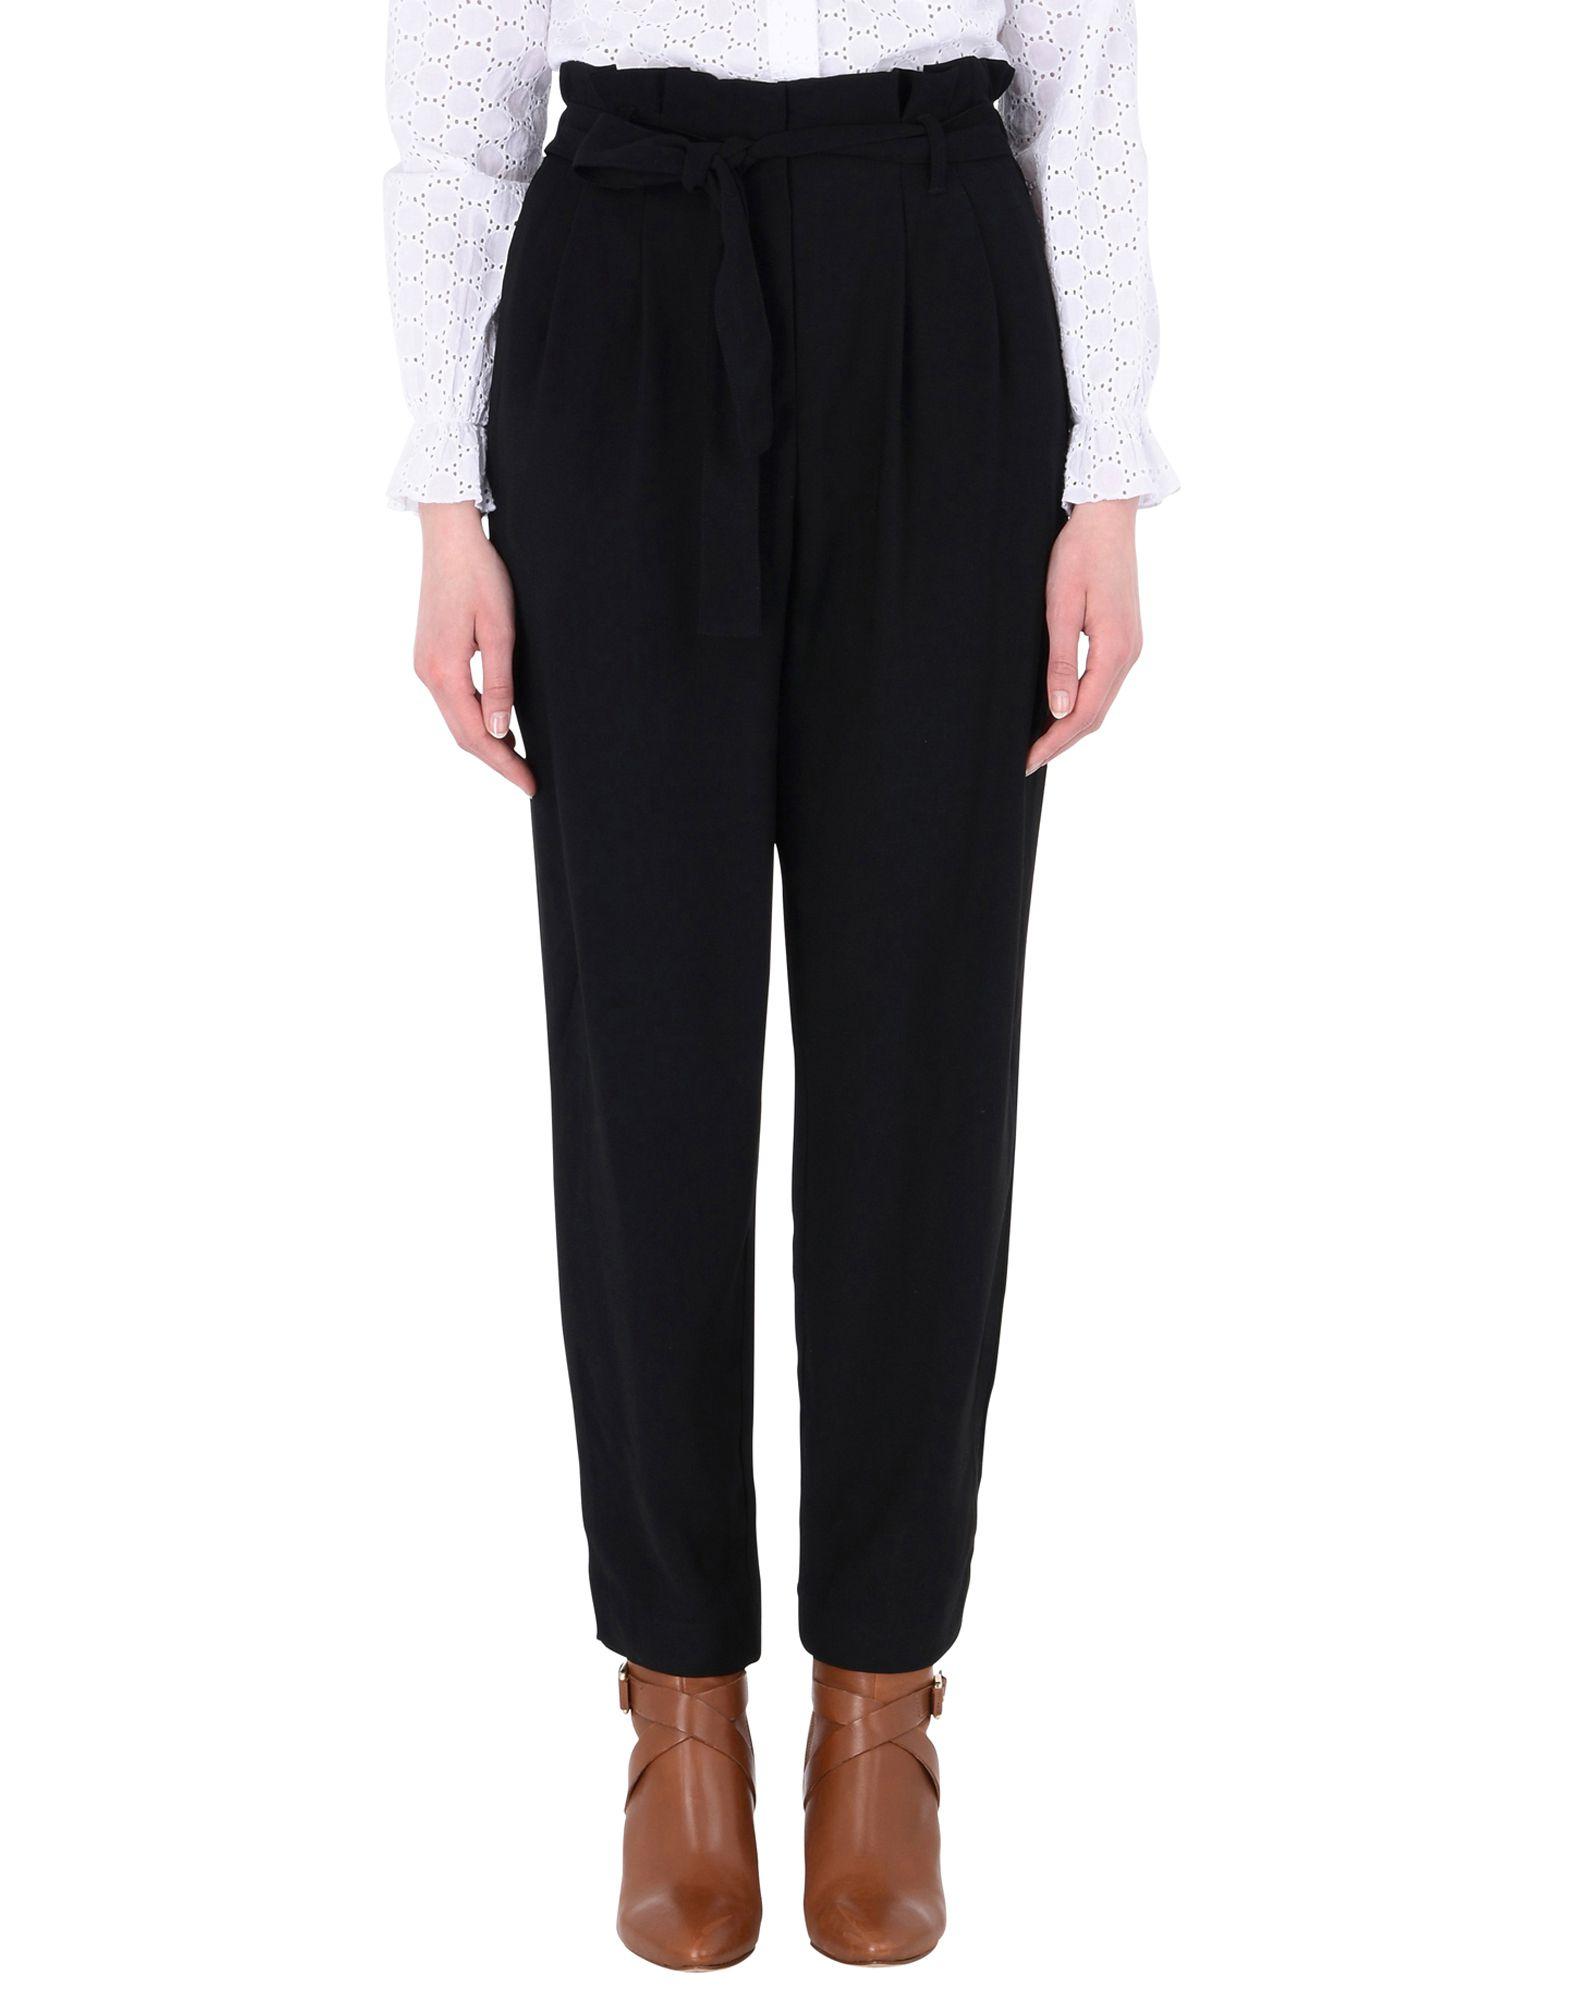 《送料無料》MOSS COPENHAGEN レディース パンツ ブラック XS ポリエステル 98% / ポリウレタン 2% Ziri More Pant